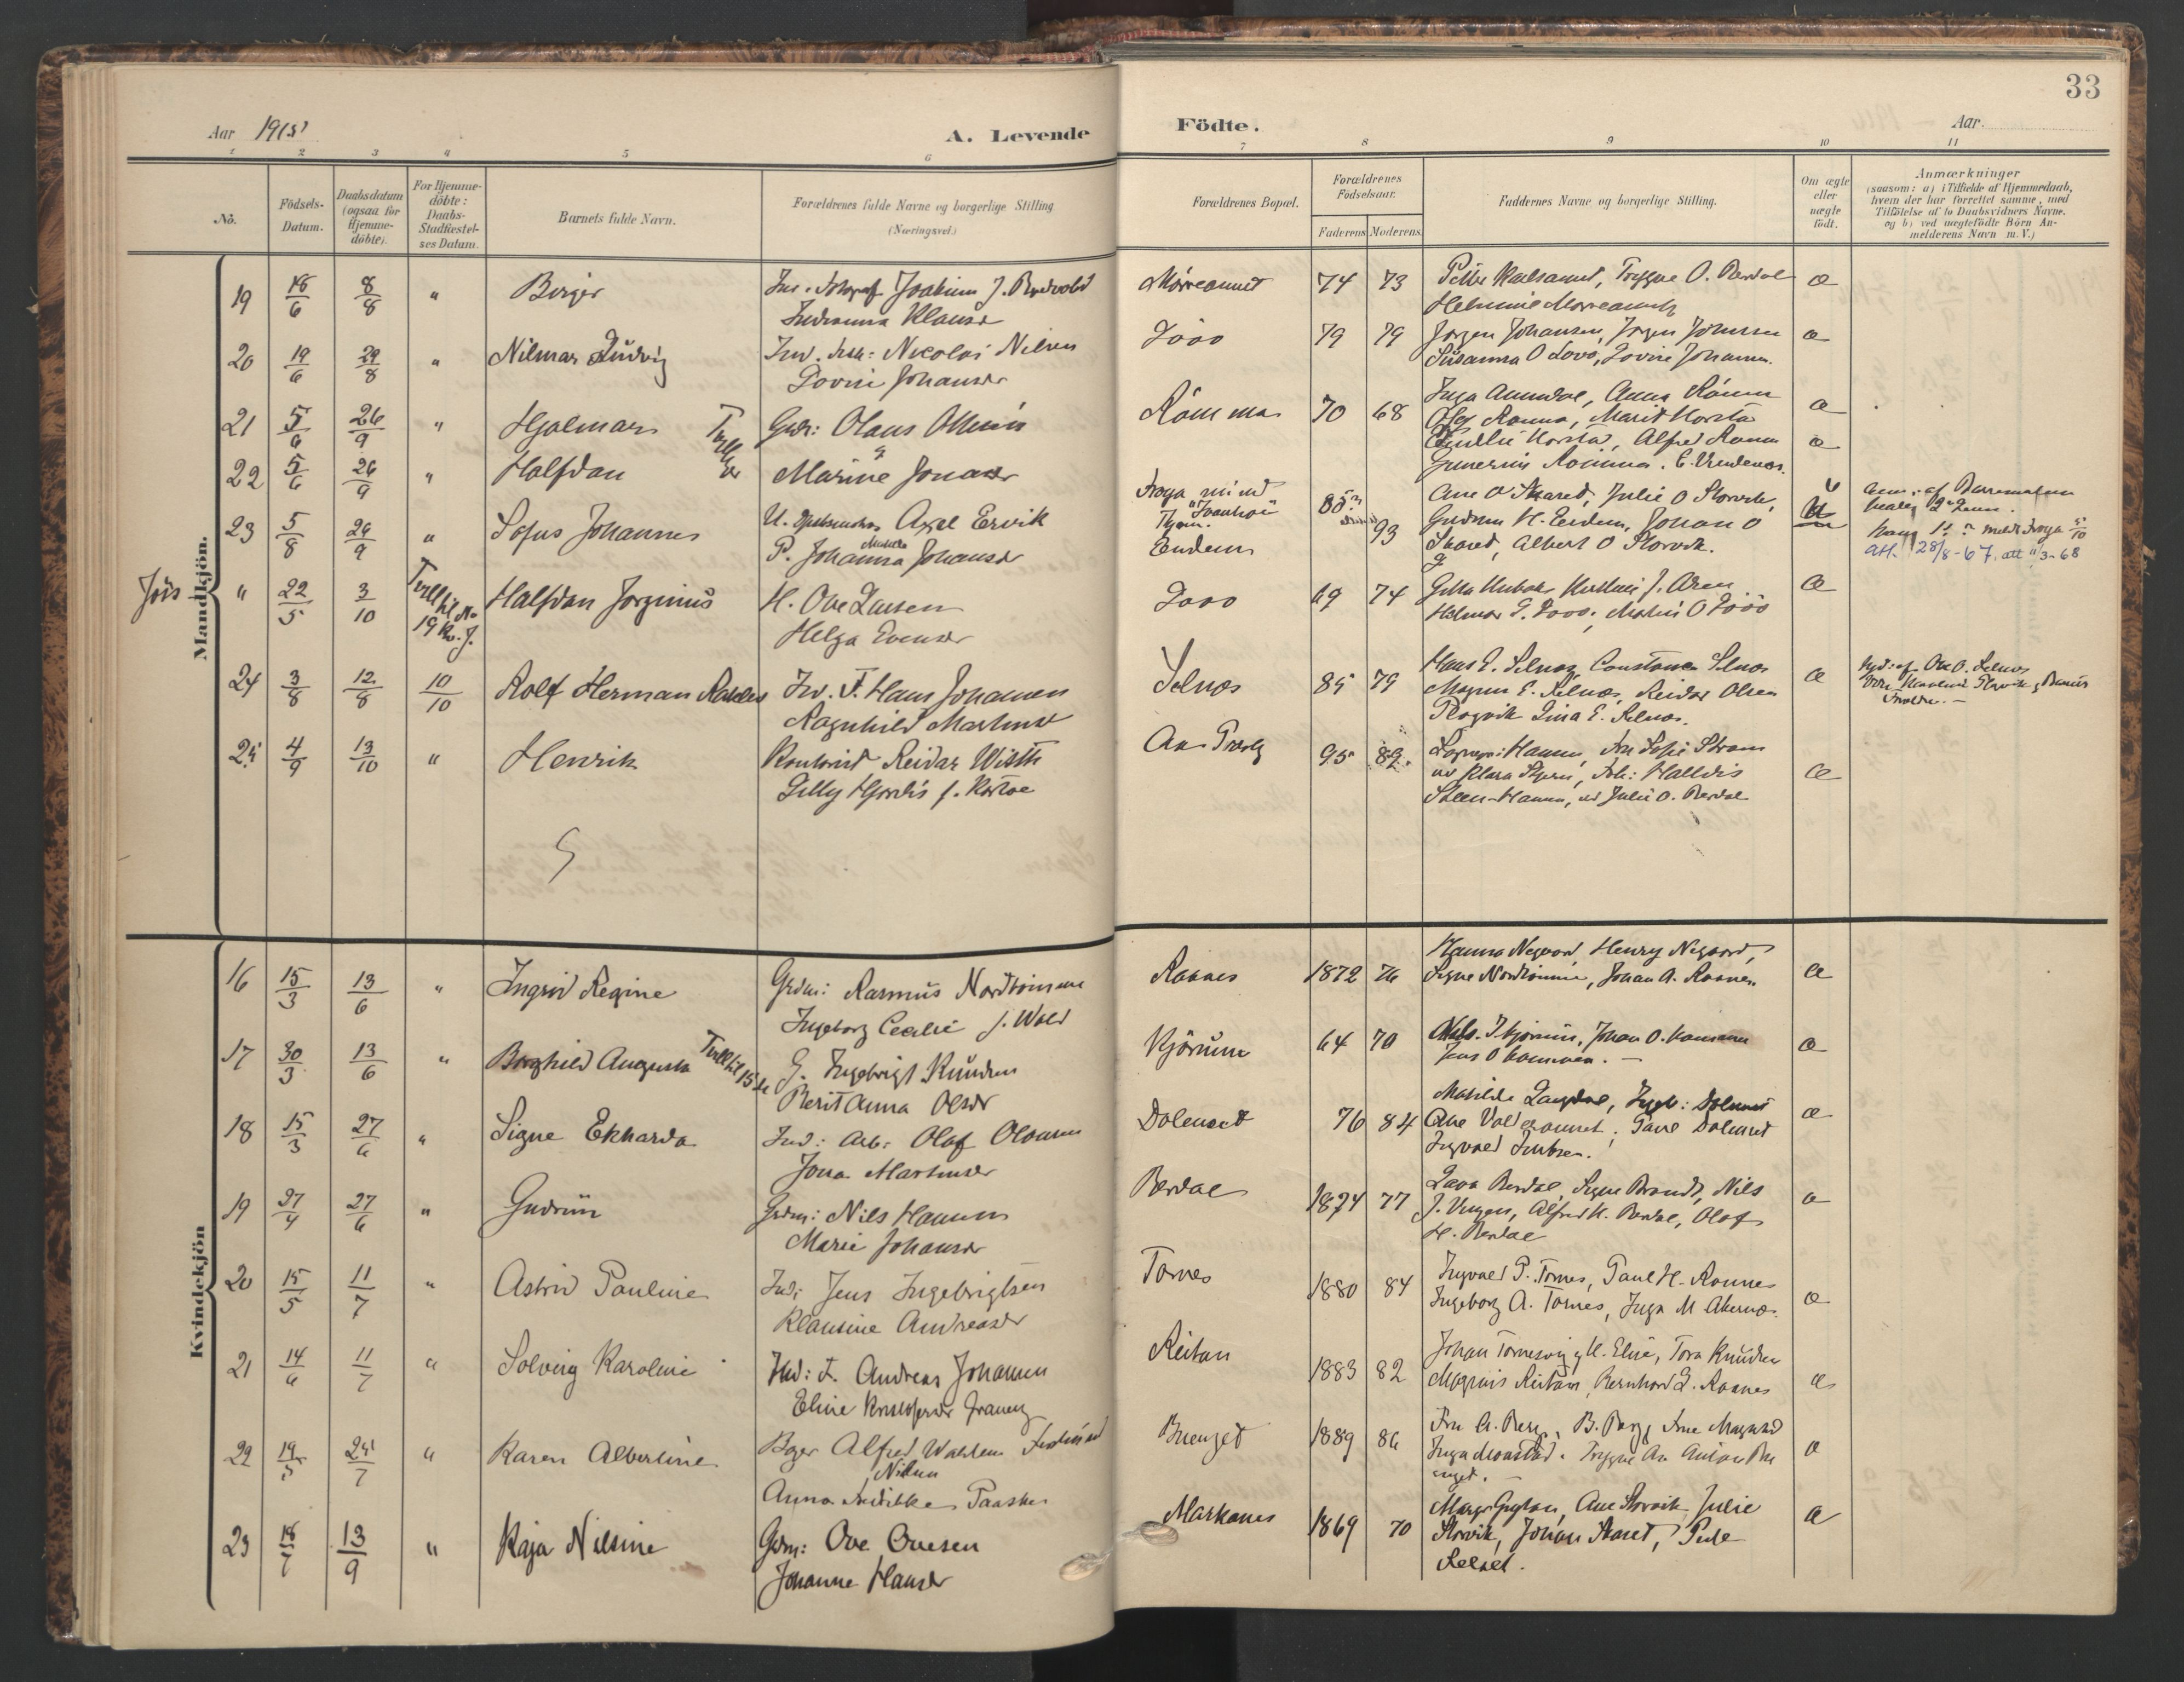 SAT, Ministerialprotokoller, klokkerbøker og fødselsregistre - Sør-Trøndelag, 655/L0682: Ministerialbok nr. 655A11, 1908-1922, s. 33